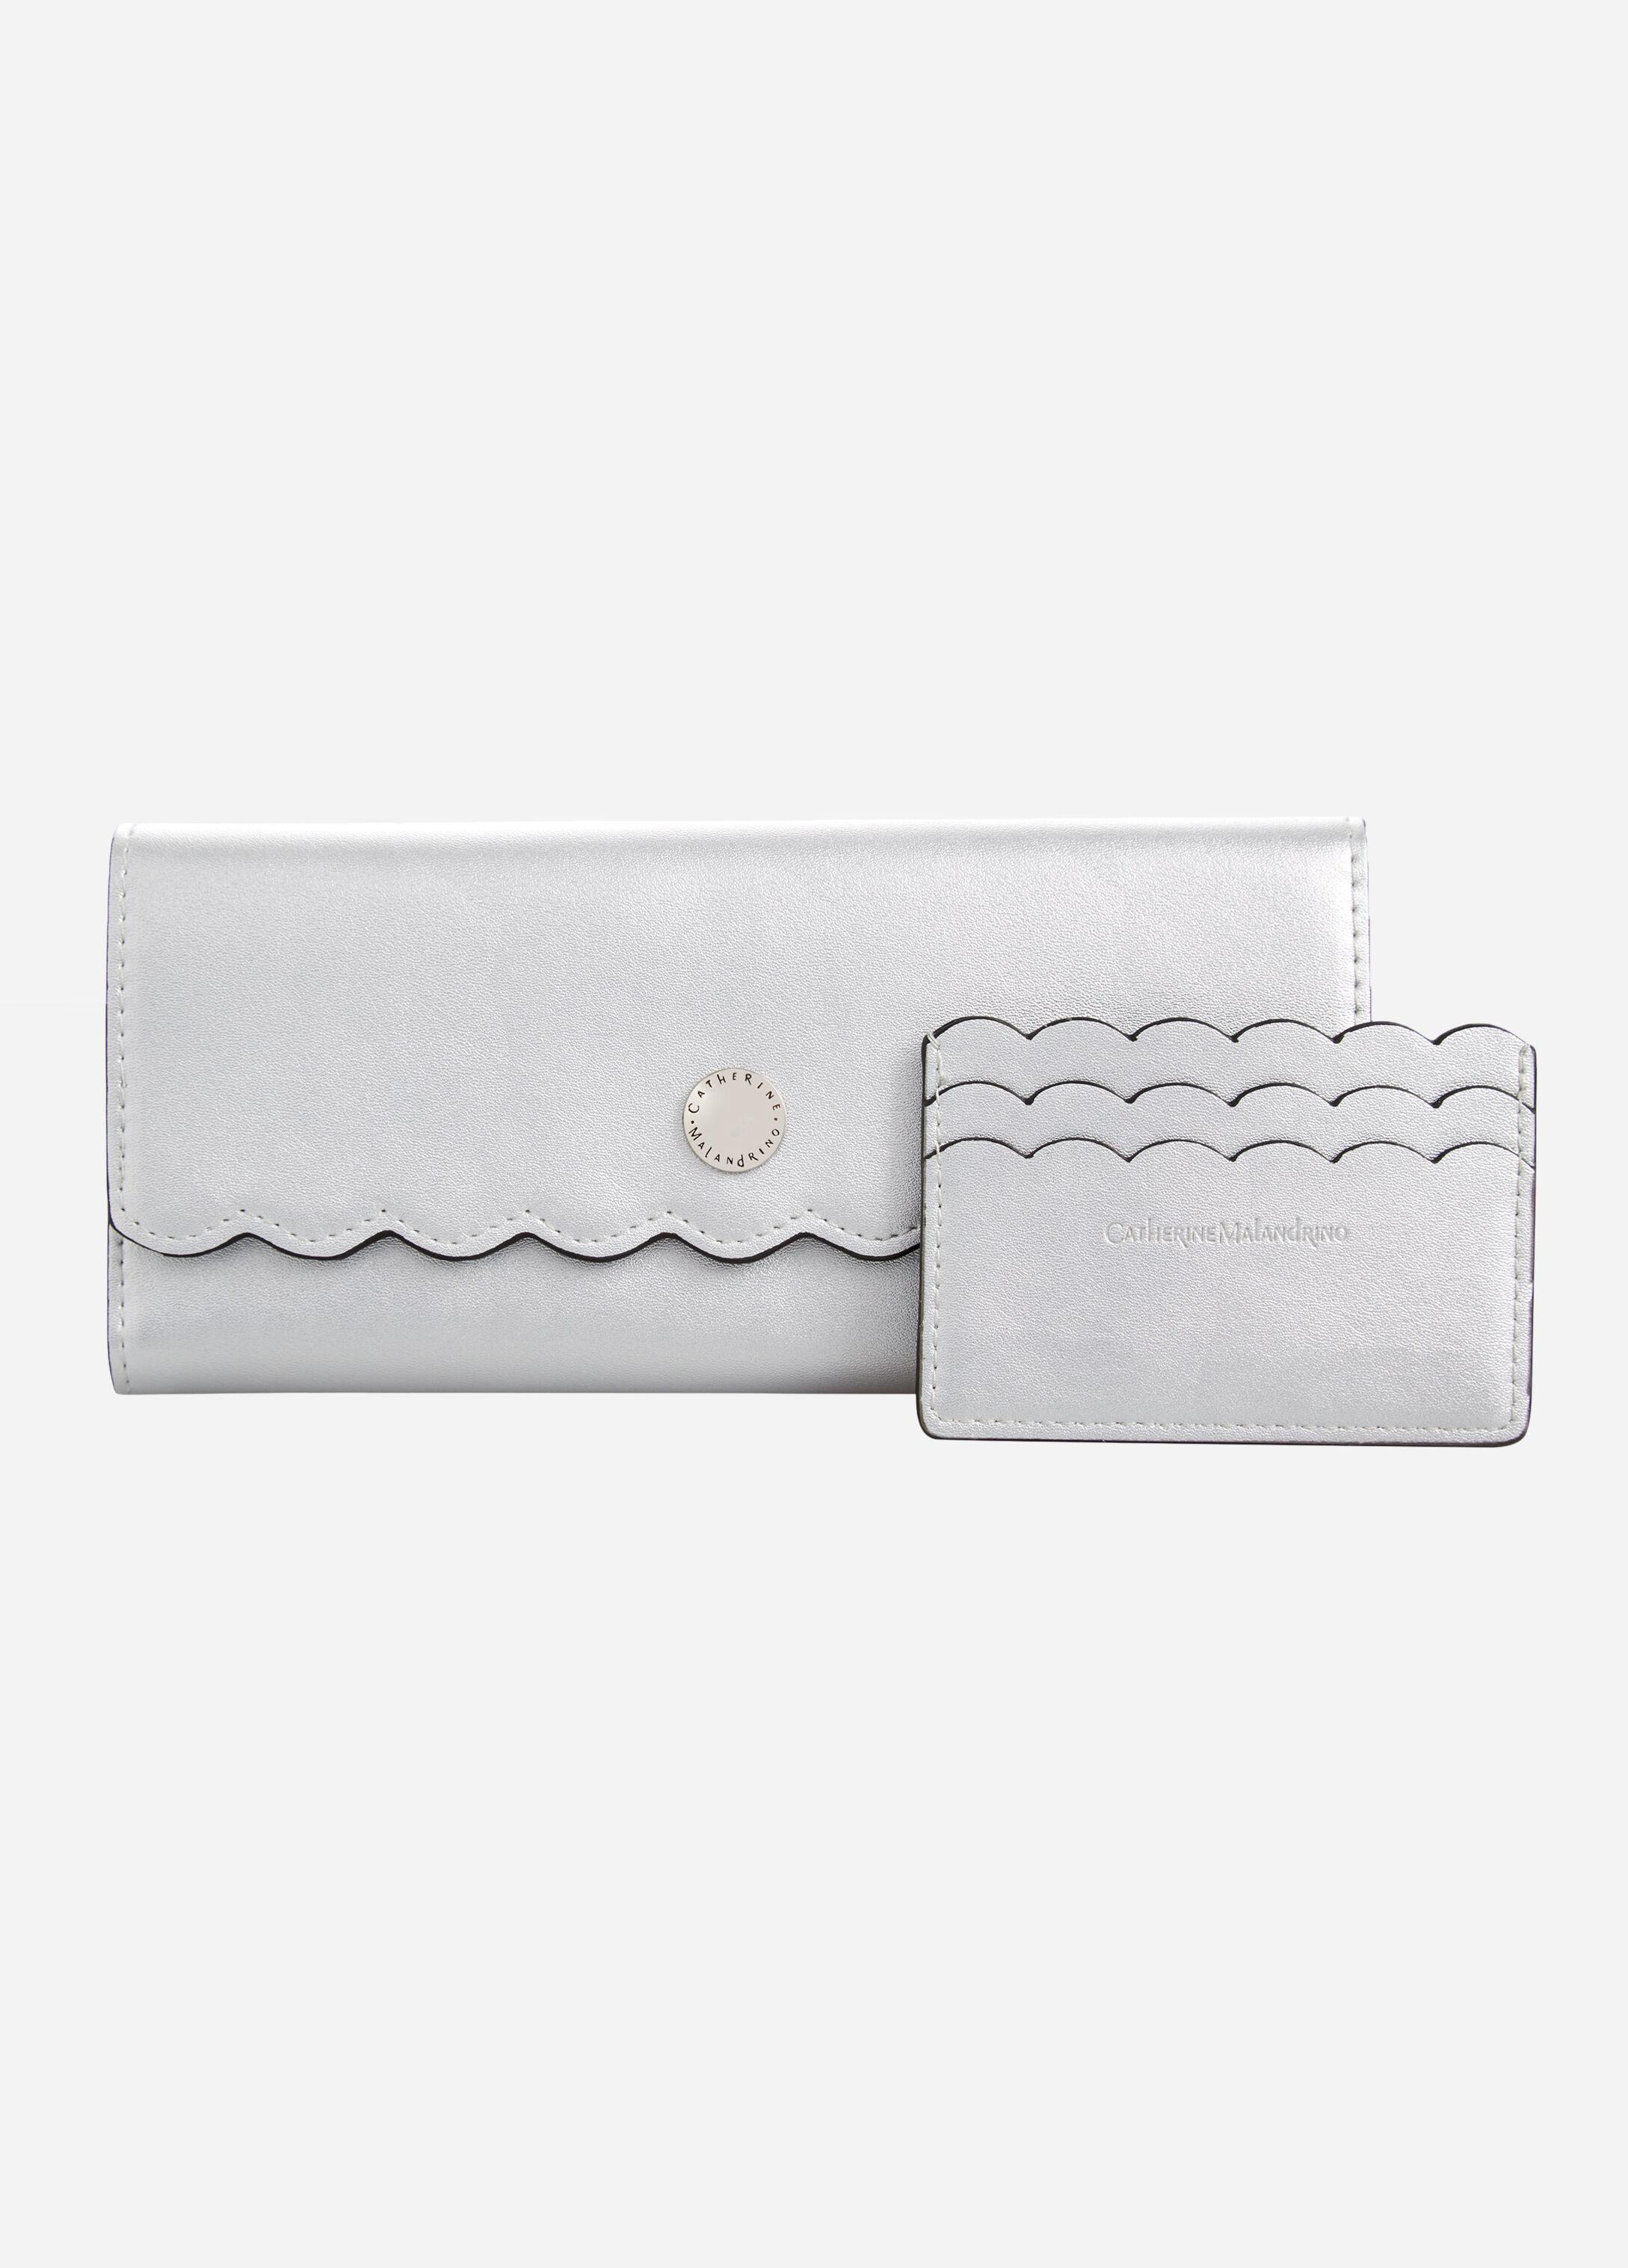 Catherine Malandrino Bailey Boxed Wallet Gift Set